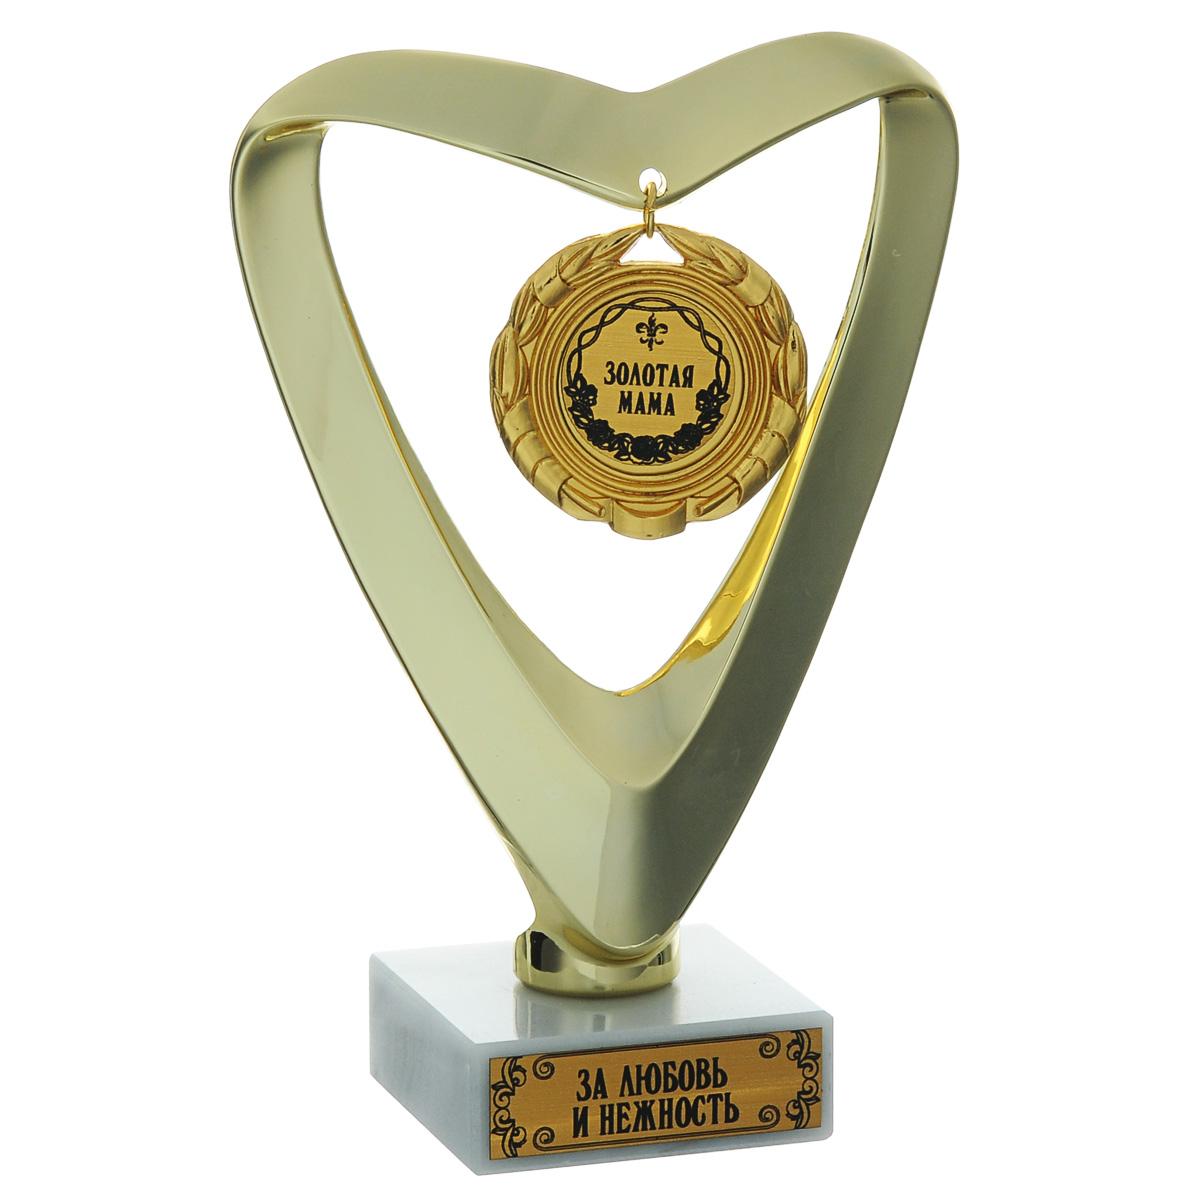 Кубок Сердце. Золотая мама, высота 16 смБрелок для ключейКубок Сердце. Золотая мама станет замечательным сувениром. Кубок выполнен из пластика с золотистым покрытием. Основание изготовлено из искусственного мрамора. Кубок имеет форму сердца, декорированного подвесной медалькой с надписью Золотая мама. Основание оформлено надписью За любовь и нежность. Такой кубок обязательно порадует получателя, вызовет улыбку и массу положительных эмоций.